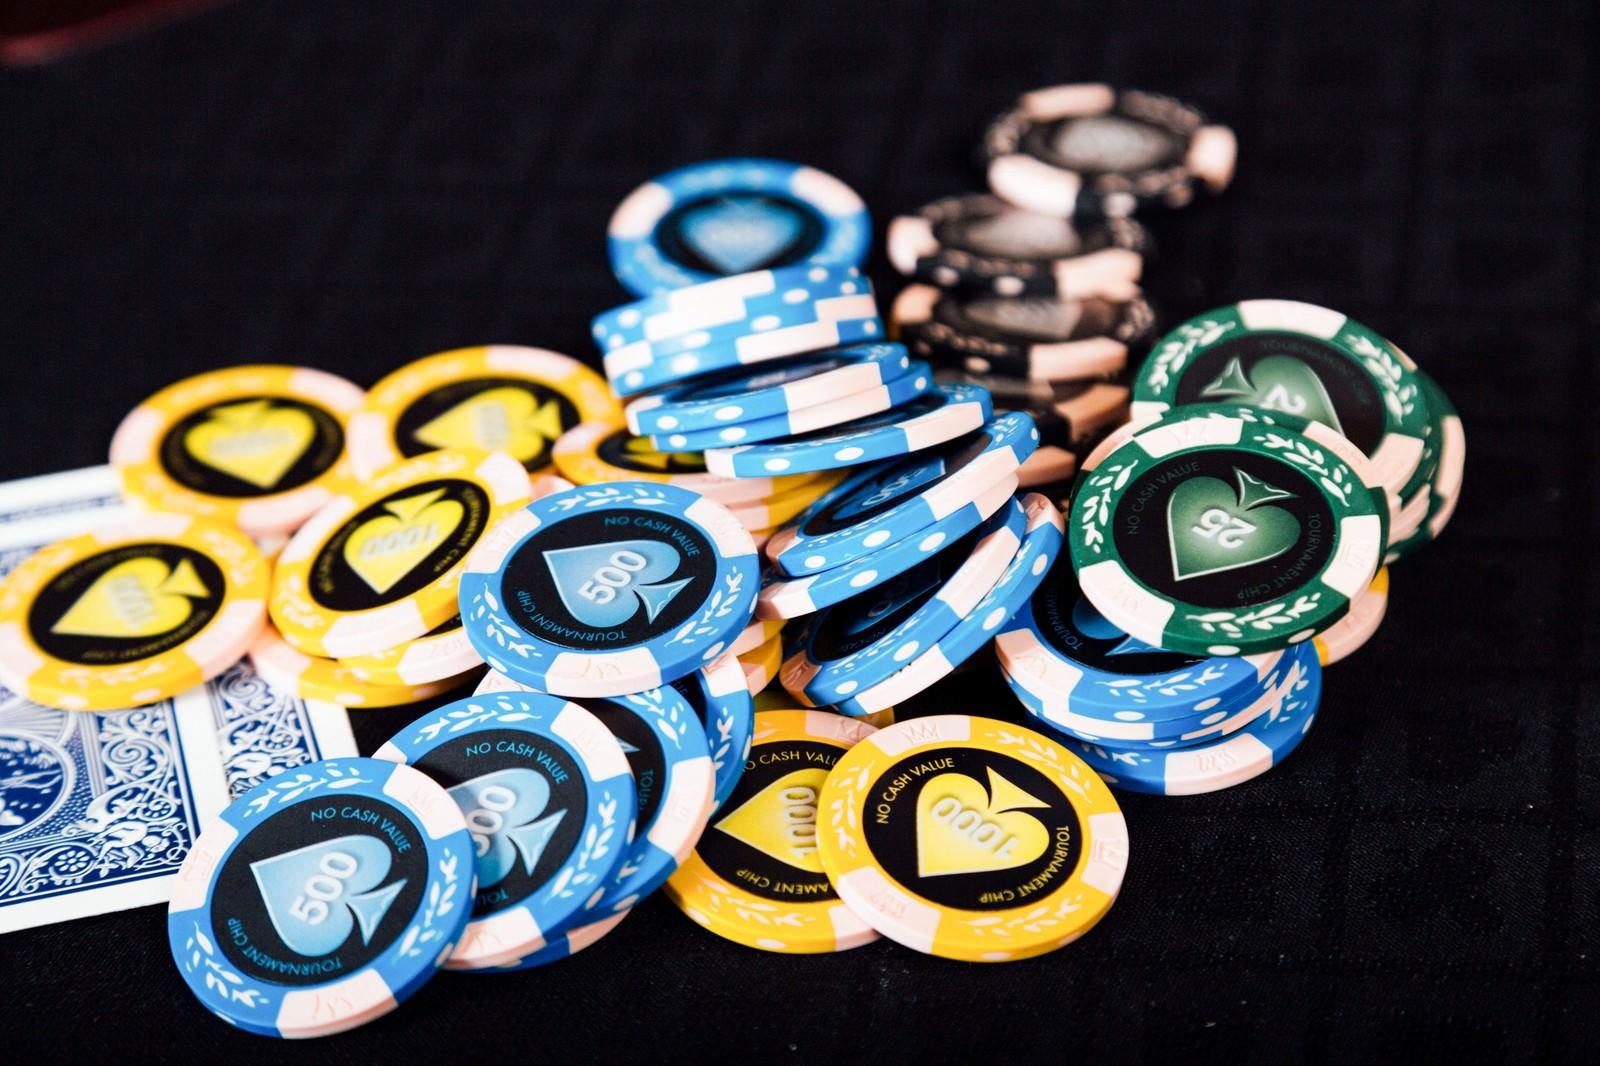 「散らばったカジノのチップとトランプ散らばったカジノのチップとトランプ」のフリー写真素材を拡大